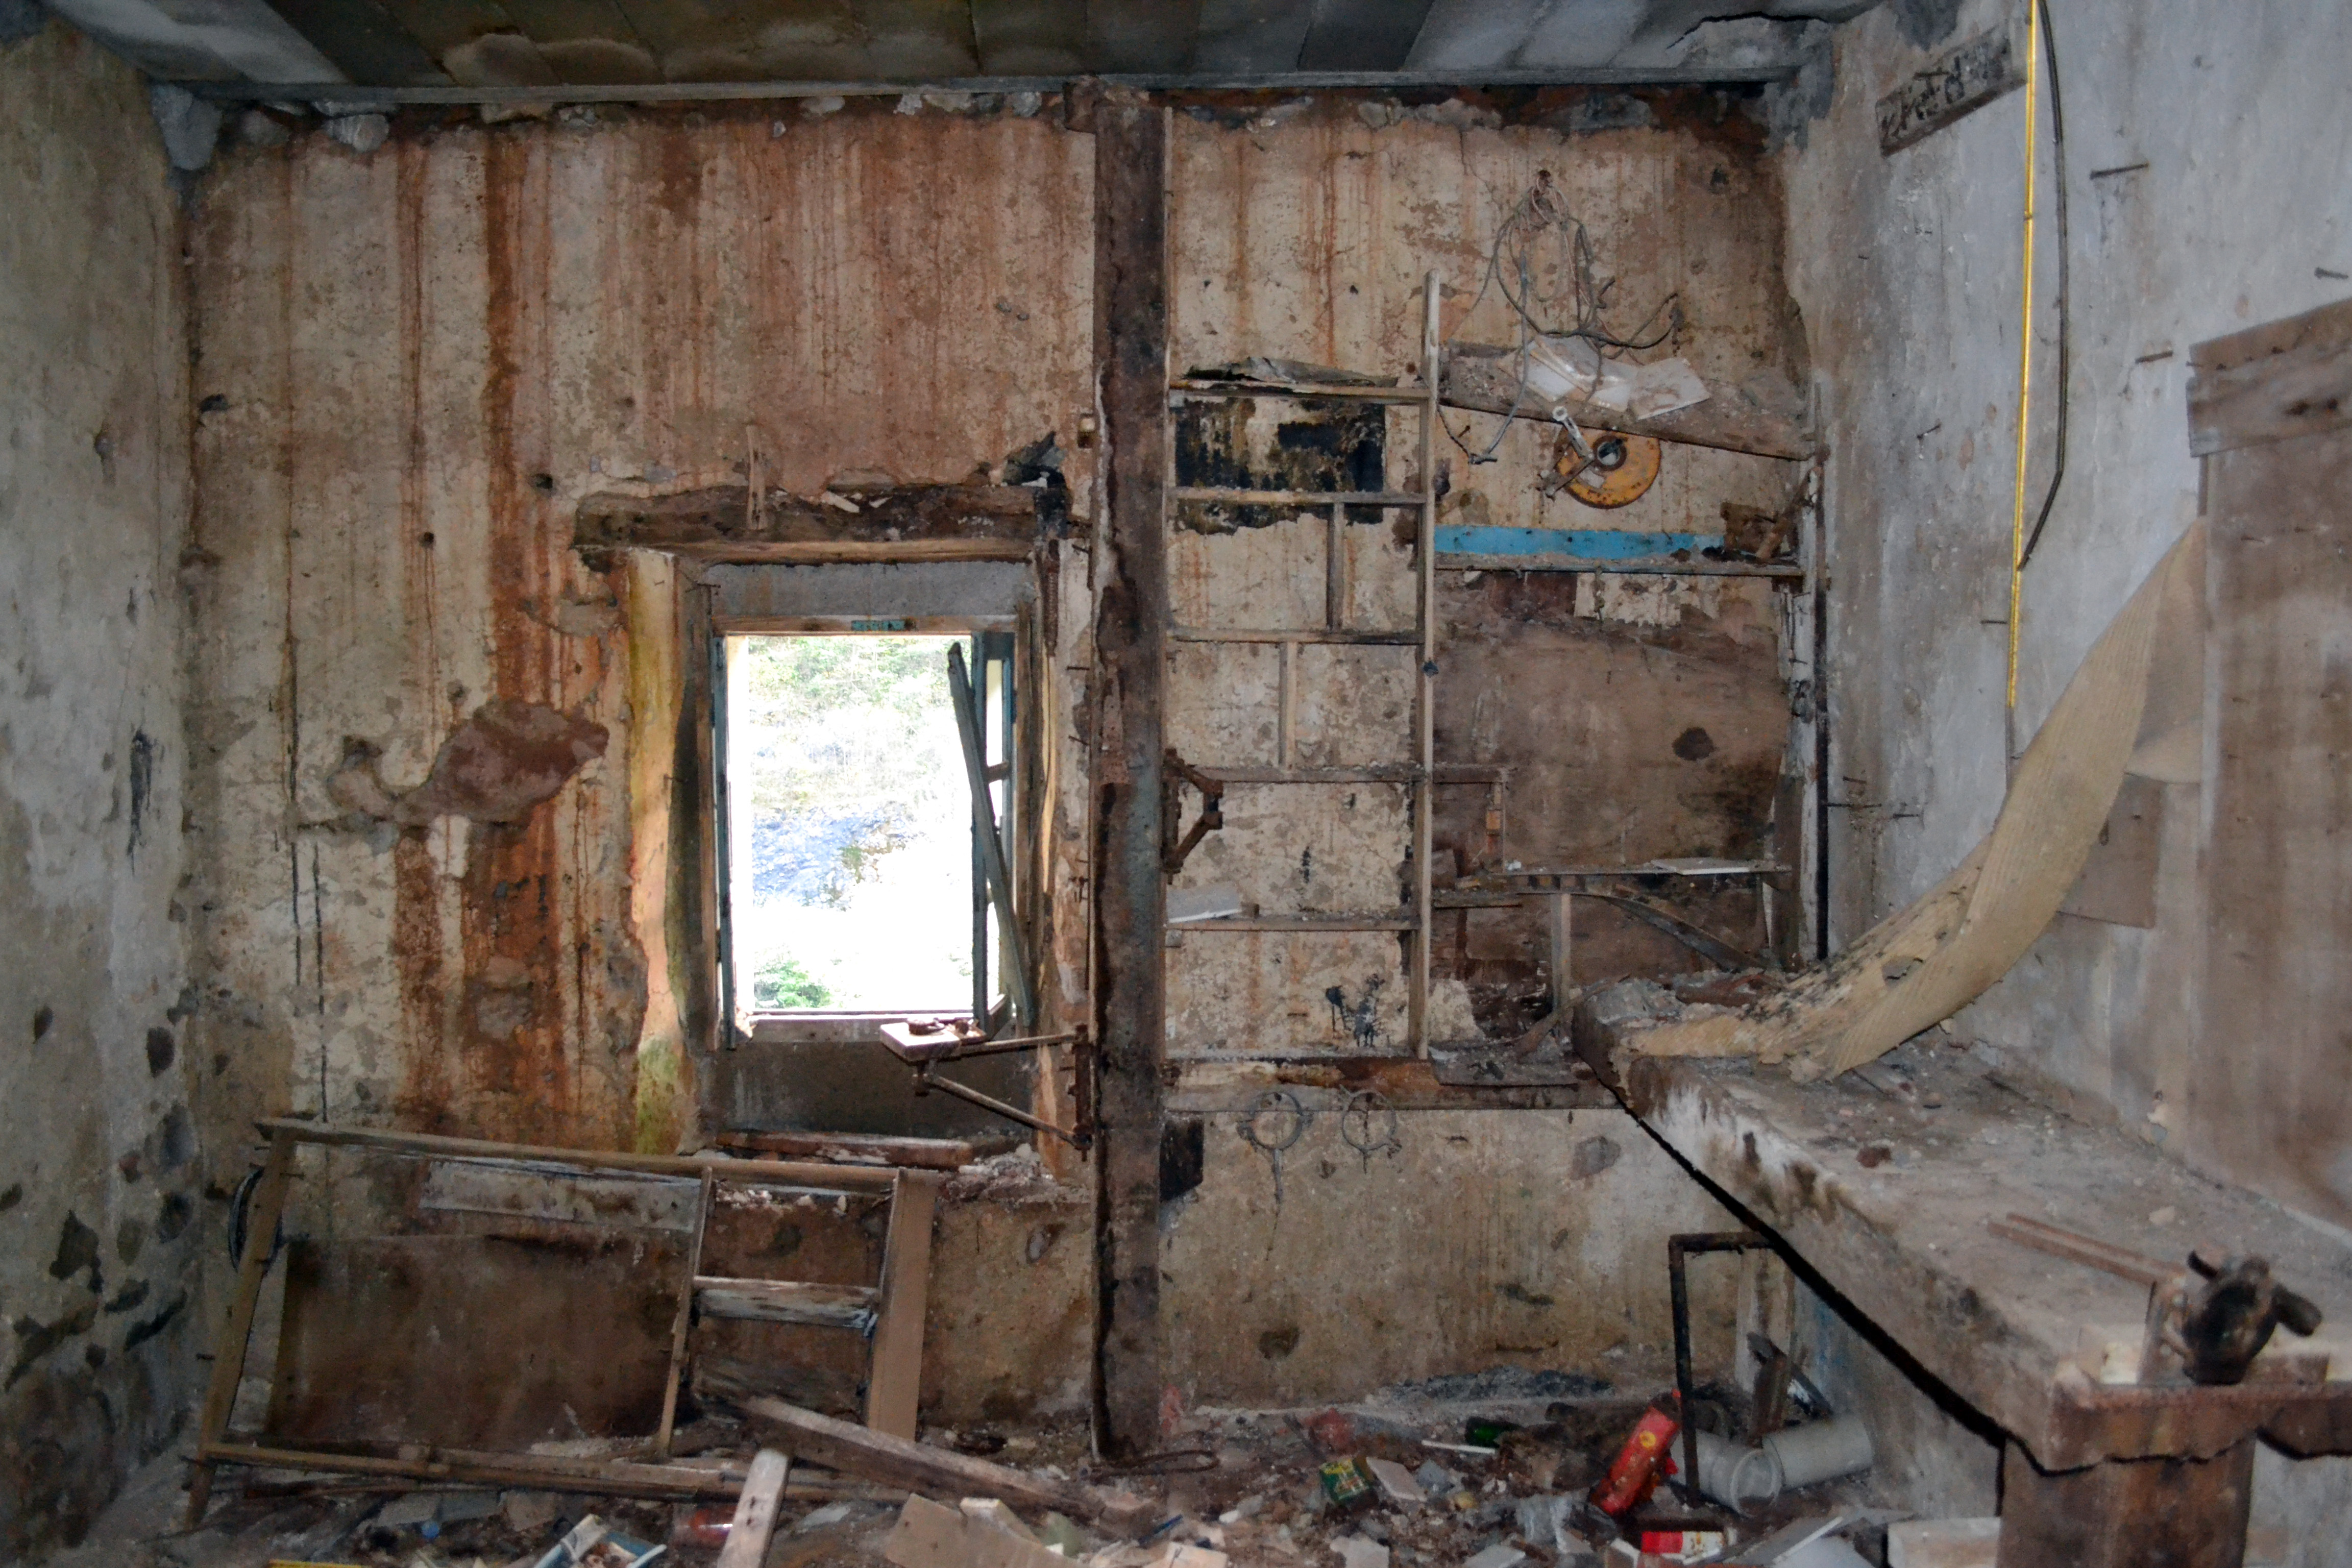 Maison de la Belle au bois dormant  3 by Audelarandonneuse on DeviantArt